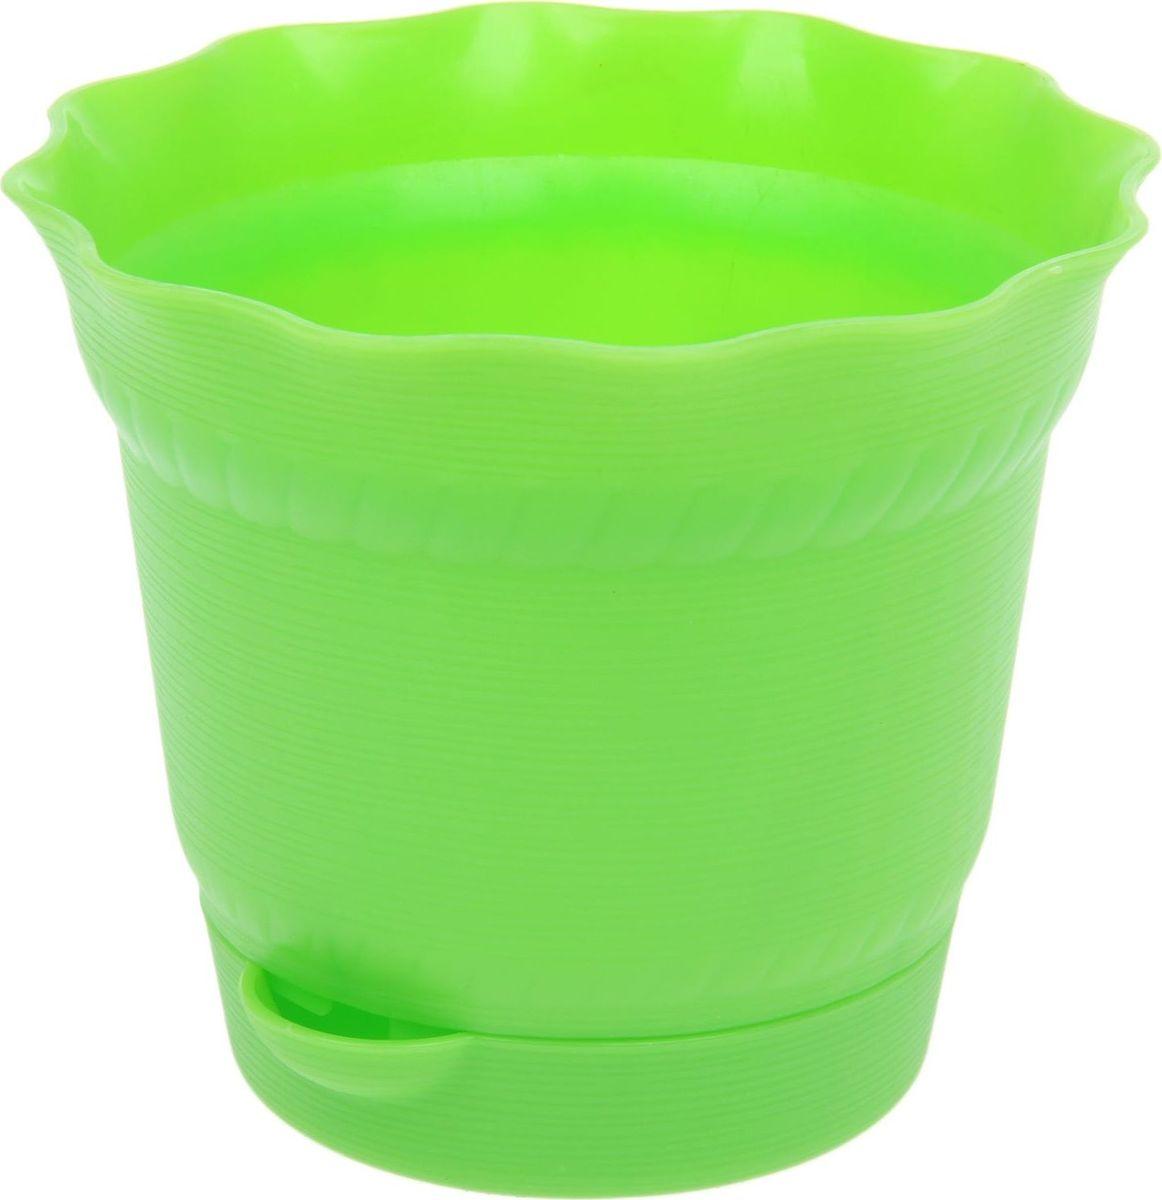 Горшок для цветов ТЕК.А.ТЕК Aquarelle, с поддоном, цвет: светло-зеленый, 1 л1411761Любой, даже самый современный и продуманный интерьер будет не завершённым без растений. Они не только очищают воздух и насыщают его кислородом, но и заметно украшают окружающее пространство. Такому полезному &laquo члену семьи&raquoпросто необходимо красивое и функциональное кашпо, оригинальный горшок или необычная ваза! Мы предлагаем - Горшок для цветов 1 л с поддоном Aquarelle, d=14 см, цвет светло-зелёный !Оптимальный выбор материала &mdash &nbsp пластмасса! Почему мы так считаем? Малый вес. С лёгкостью переносите горшки и кашпо с места на место, ставьте их на столики или полки, подвешивайте под потолок, не беспокоясь о нагрузке. Простота ухода. Пластиковые изделия не нуждаются в специальных условиях хранения. Их&nbsp легко чистить &mdashдостаточно просто сполоснуть тёплой водой. Никаких царапин. Пластиковые кашпо не царапают и не загрязняют поверхности, на которых стоят. Пластик дольше хранит влагу, а значит &mdashрастение реже нуждается в поливе. Пластмасса не пропускает воздух &mdashкорневой системе растения не грозят резкие перепады температур. Огромный выбор форм, декора и расцветок &mdashвы без труда подберёте что-то, что идеально впишется в уже существующий интерьер.Соблюдая нехитрые правила ухода, вы можете заметно продлить срок службы горшков, вазонов и кашпо из пластика: всегда учитывайте размер кроны и корневой системы растения (при разрастании большое растение способно повредить маленький горшок)берегите изделие от воздействия прямых солнечных лучей, чтобы кашпо и горшки не выцветалидержите кашпо и горшки из пластика подальше от нагревающихся поверхностей.Создавайте прекрасные цветочные композиции, выращивайте рассаду или необычные растения, а низкие цены позволят вам не ограничивать себя в выборе.